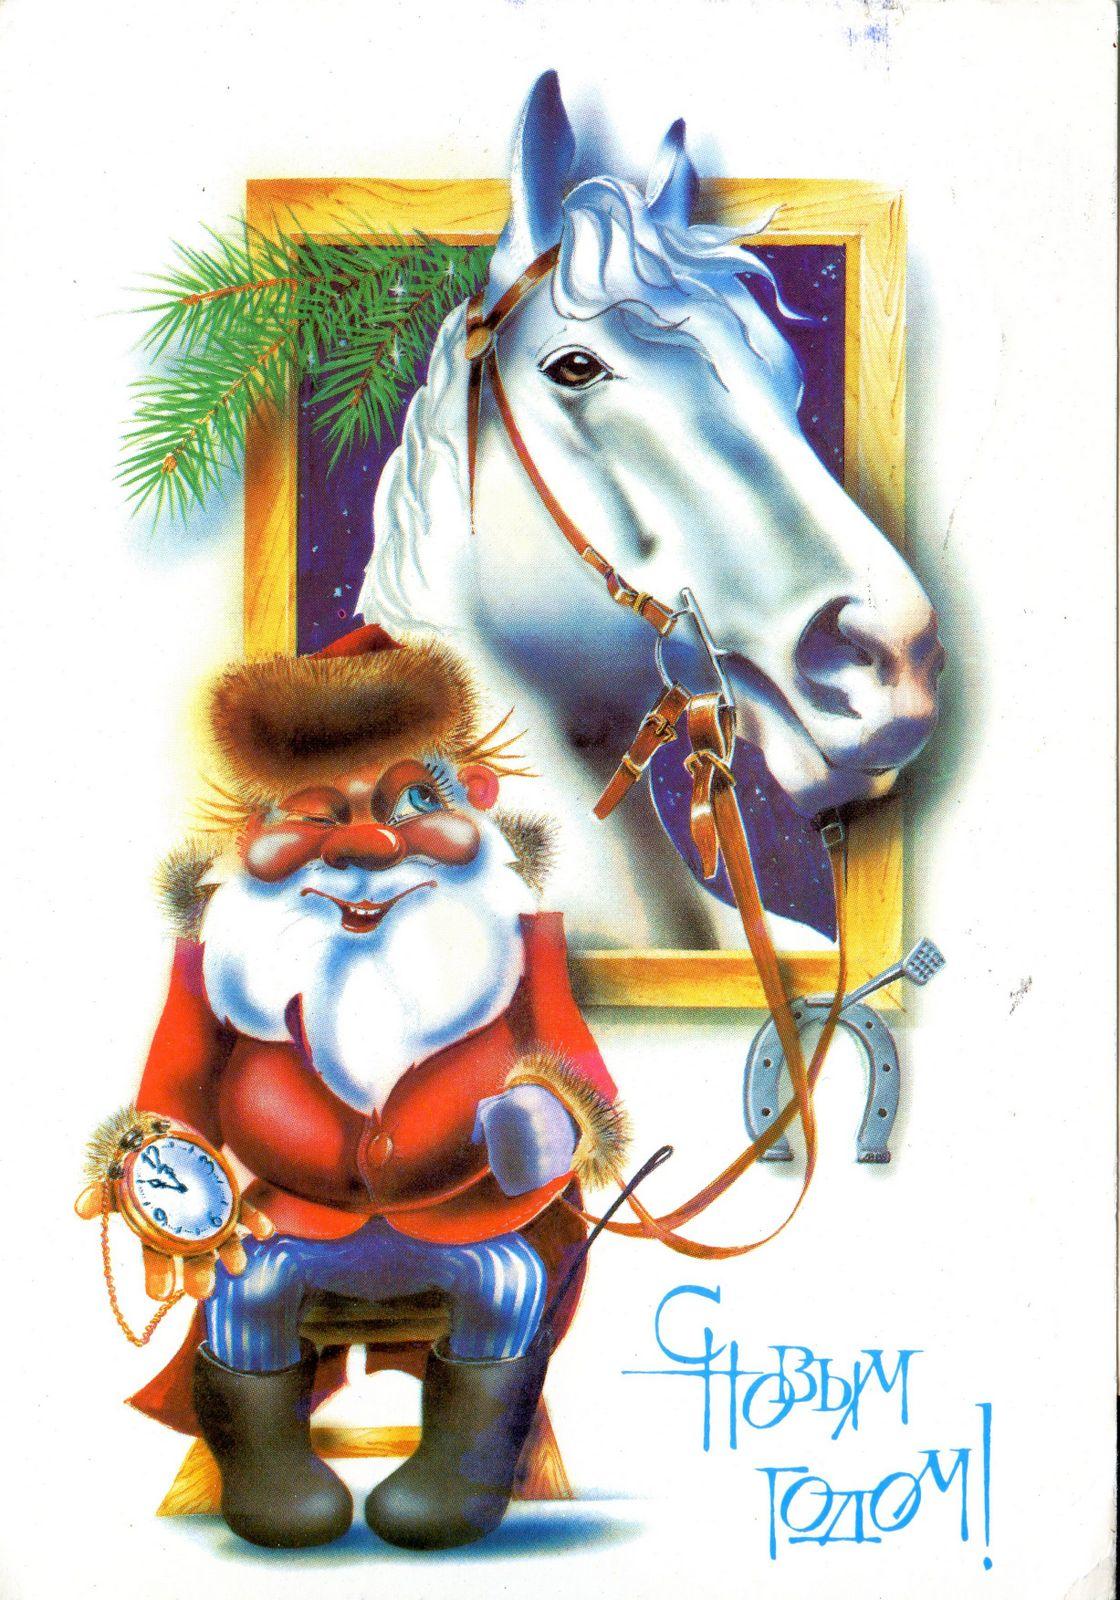 такие открытка с новым годом 2014 год лошади может есть